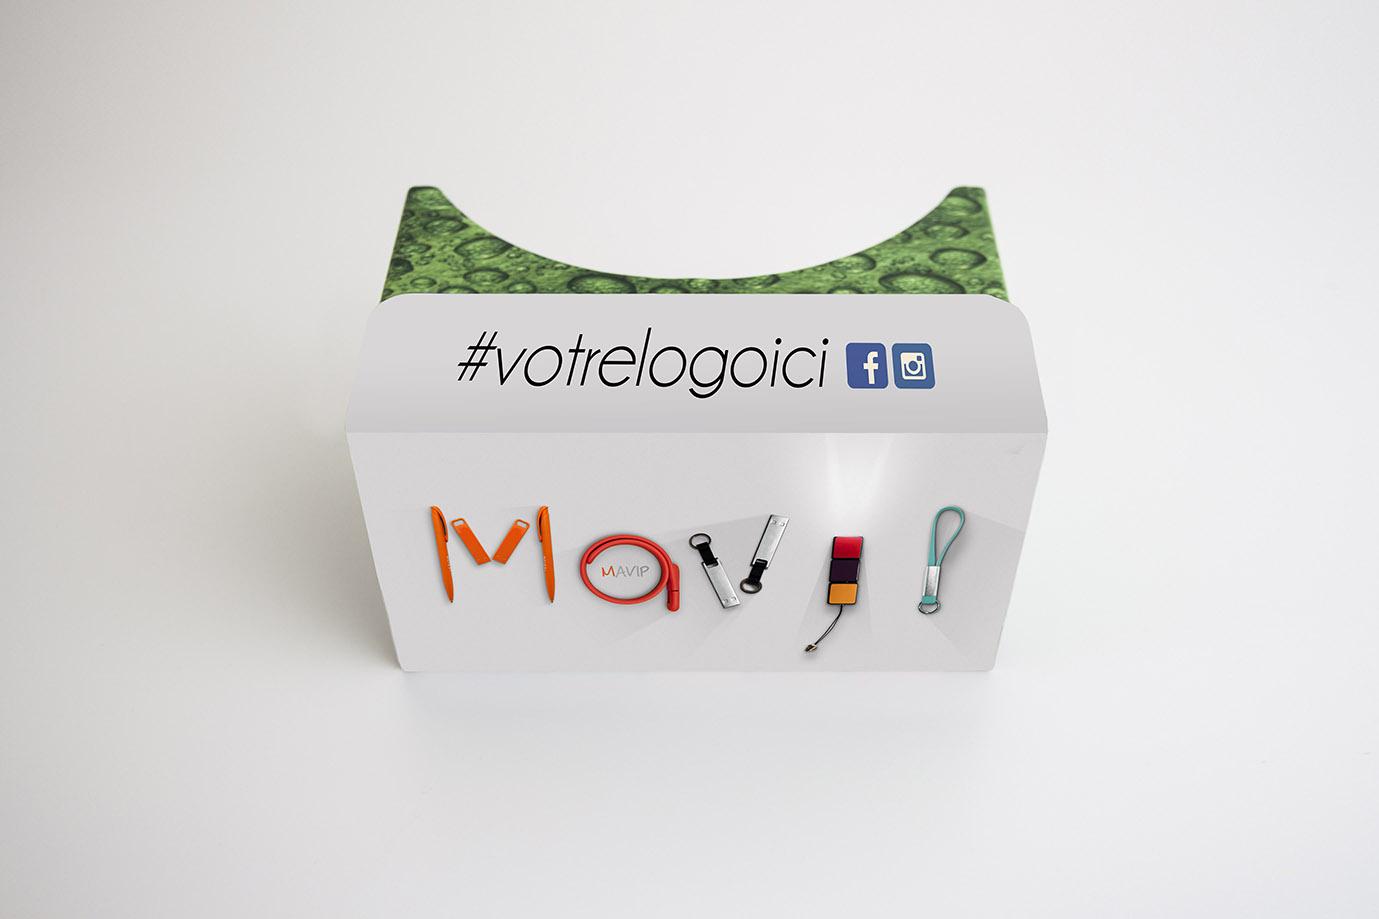 lunettes de réalité virtuelle by mavip - objets publicitaires